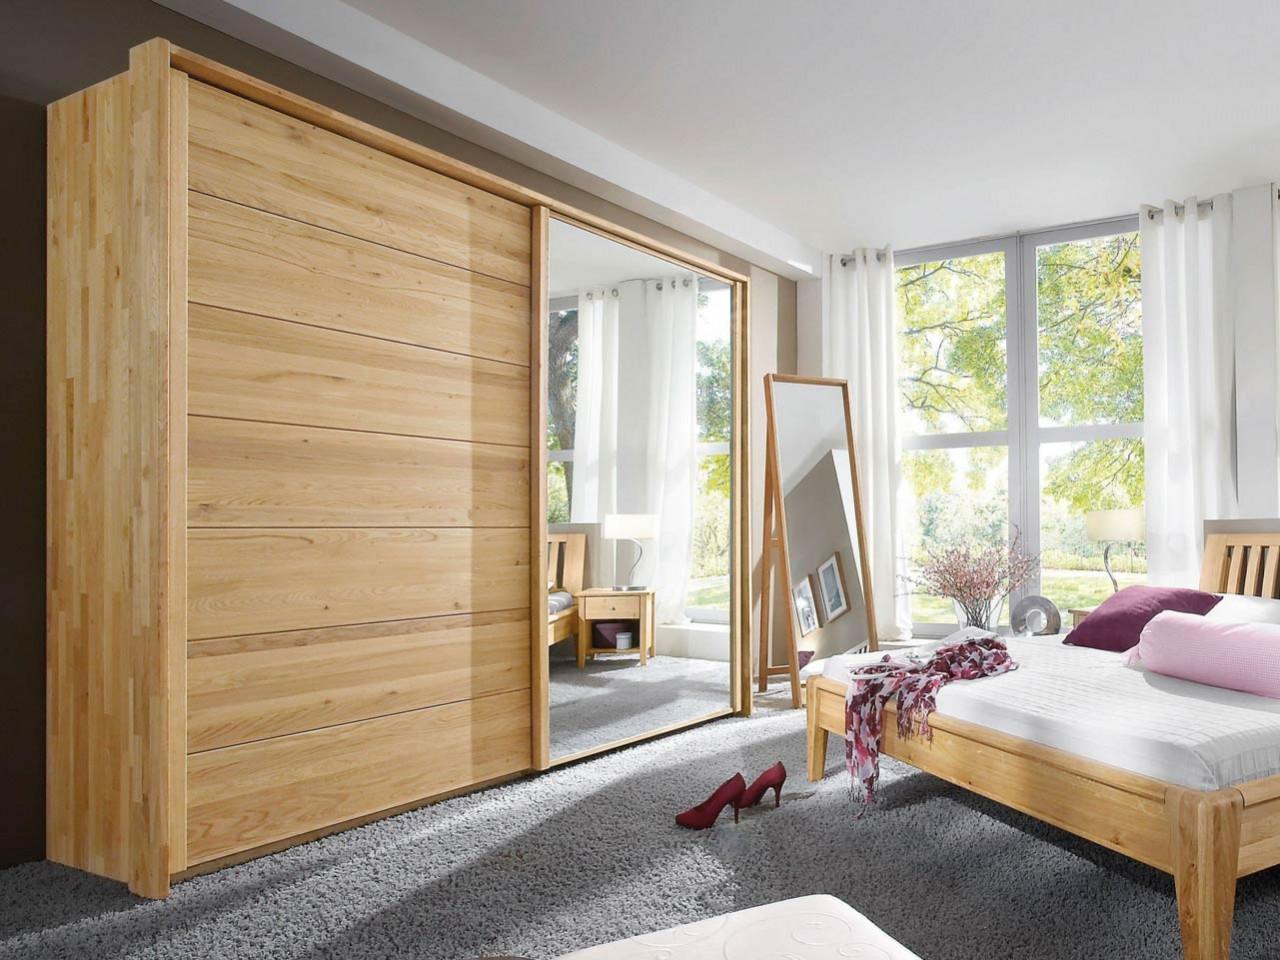 M&H Massivholz Schwebetürenschrank Jupiter 300 cm Buche massiv geölt mit Holz/Spiegel